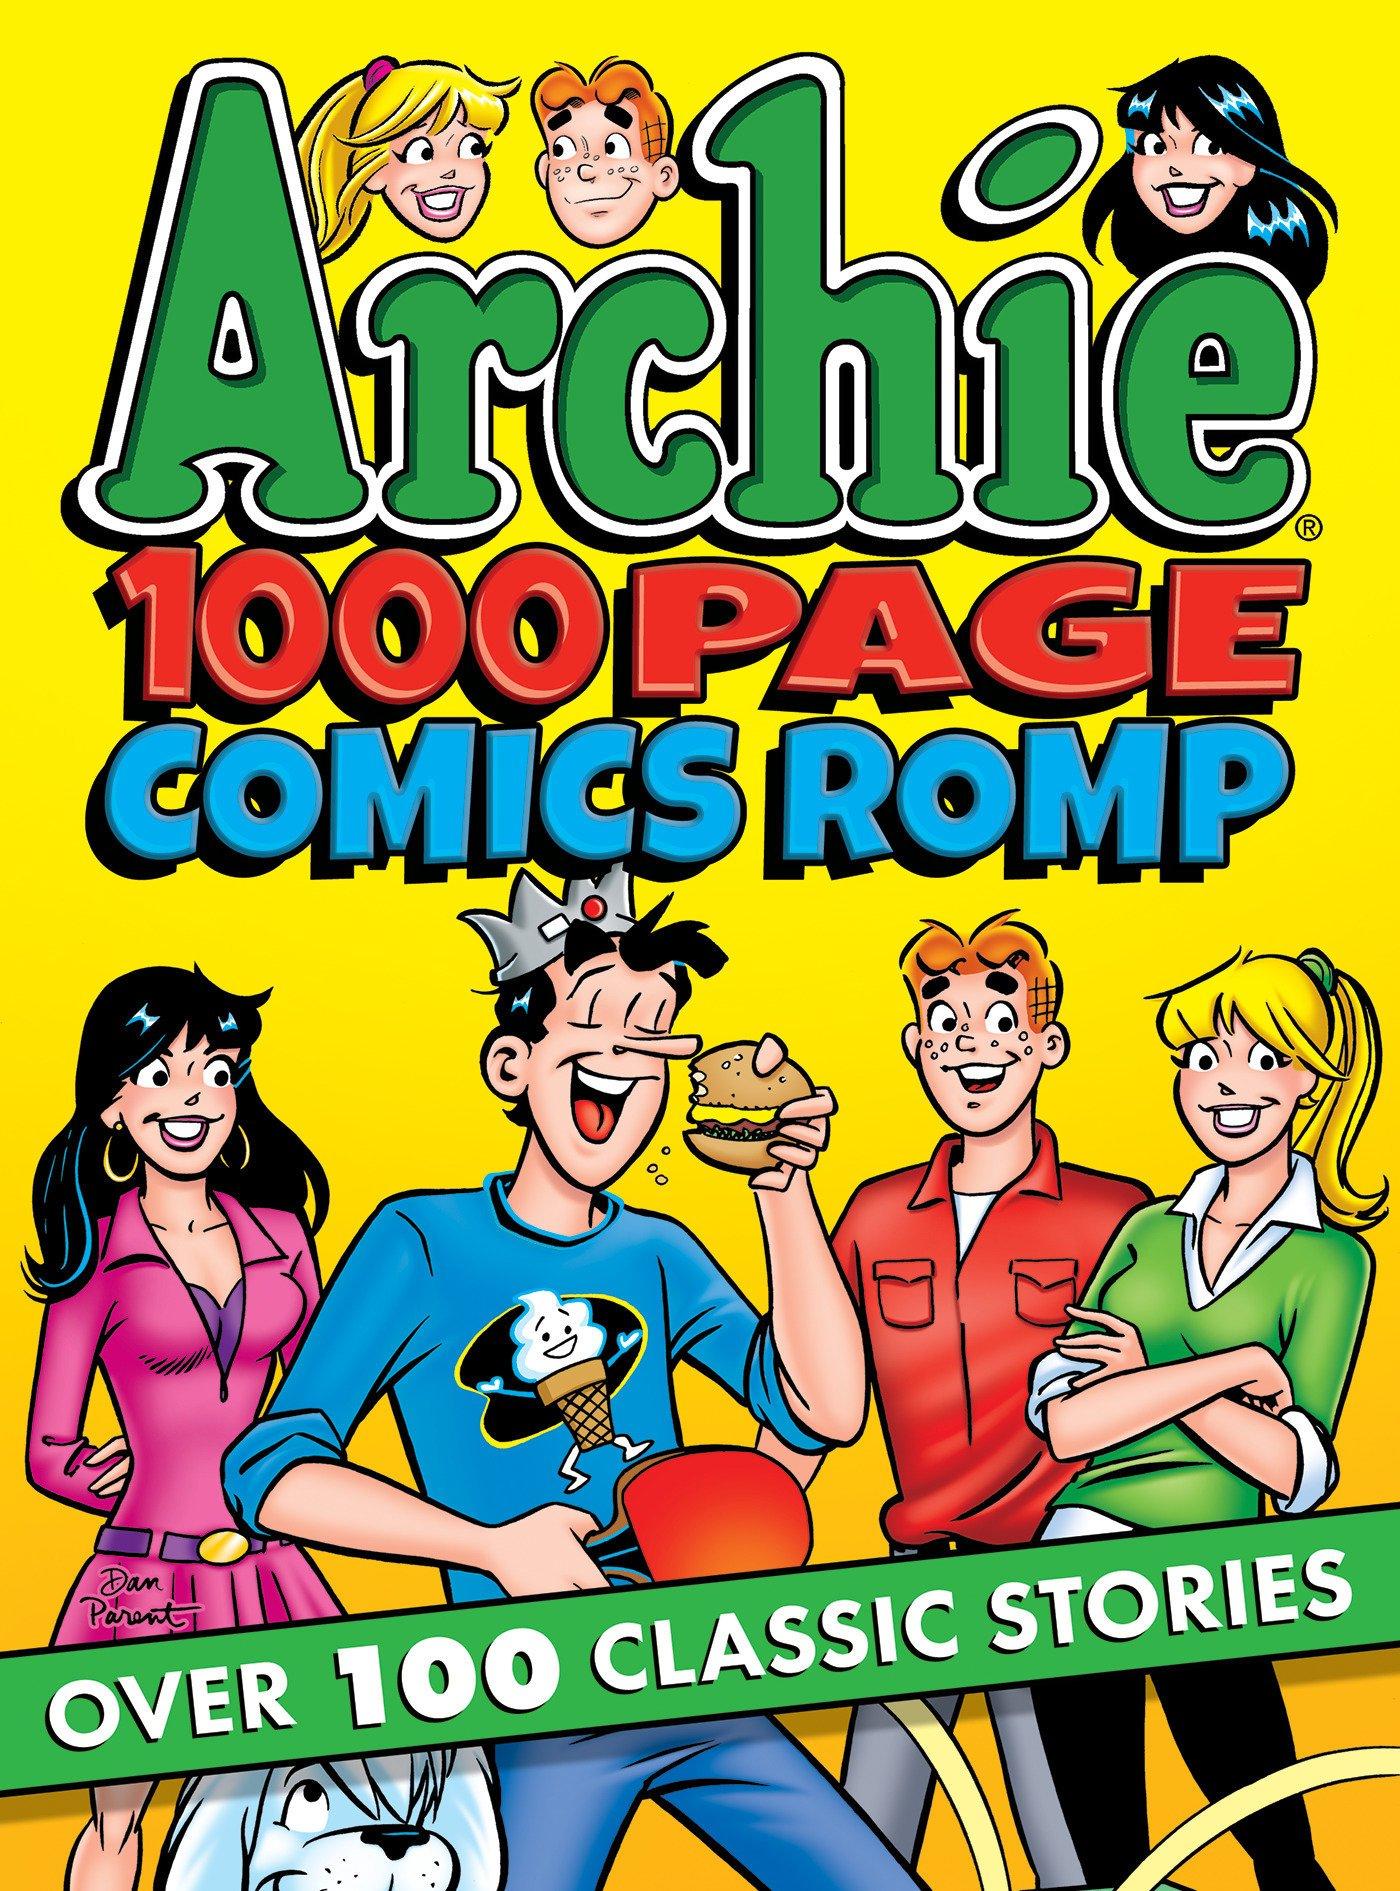 Archie 1000 Page Comics Romp (Archie 1000 Page Digests) by Archie Comics (Image #1)